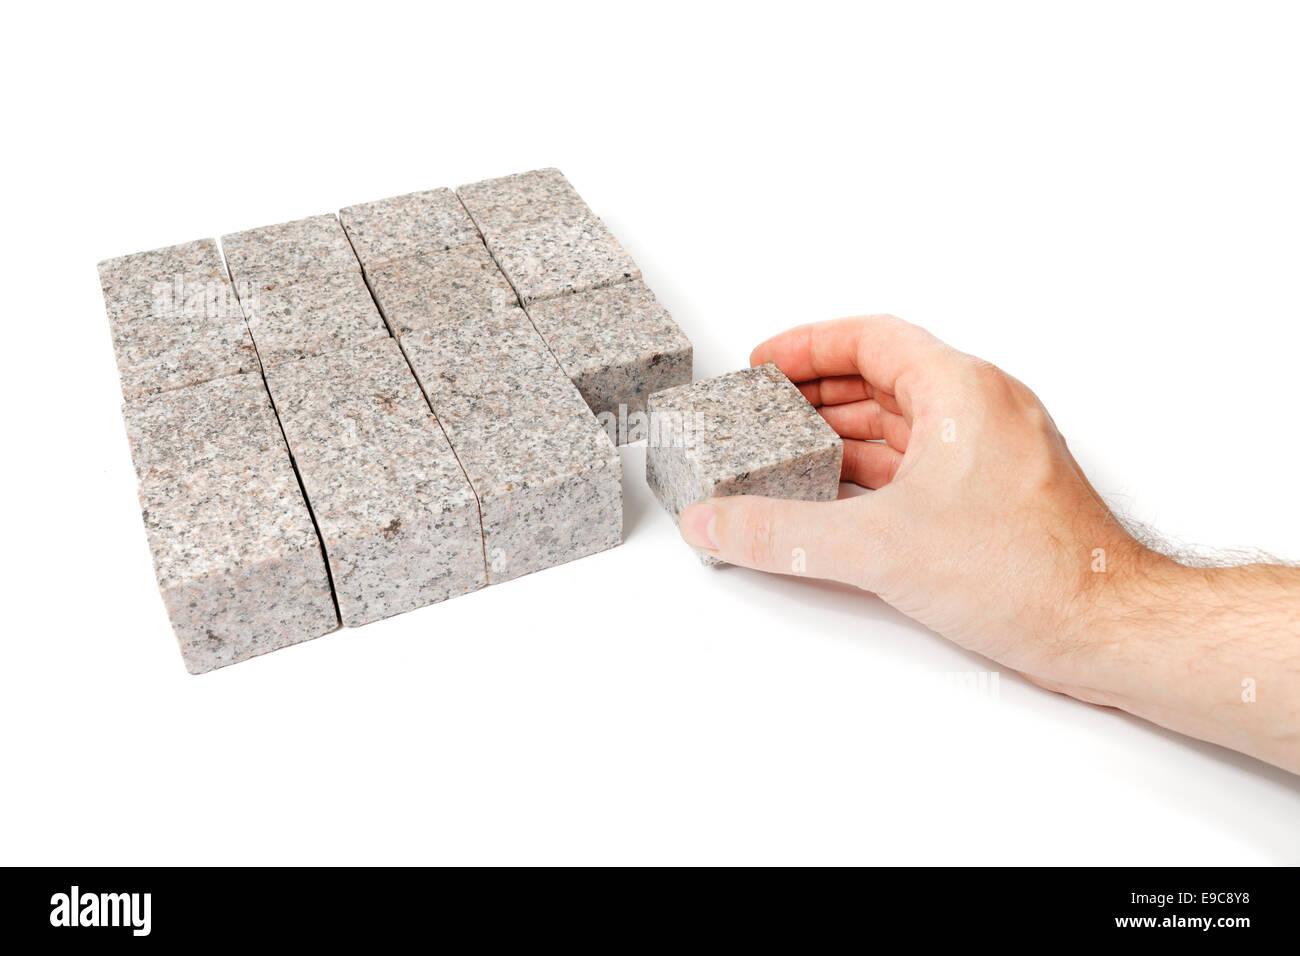 Uomo che fa una forma quadrata di blocchi di granito roccia. Immagini Stock